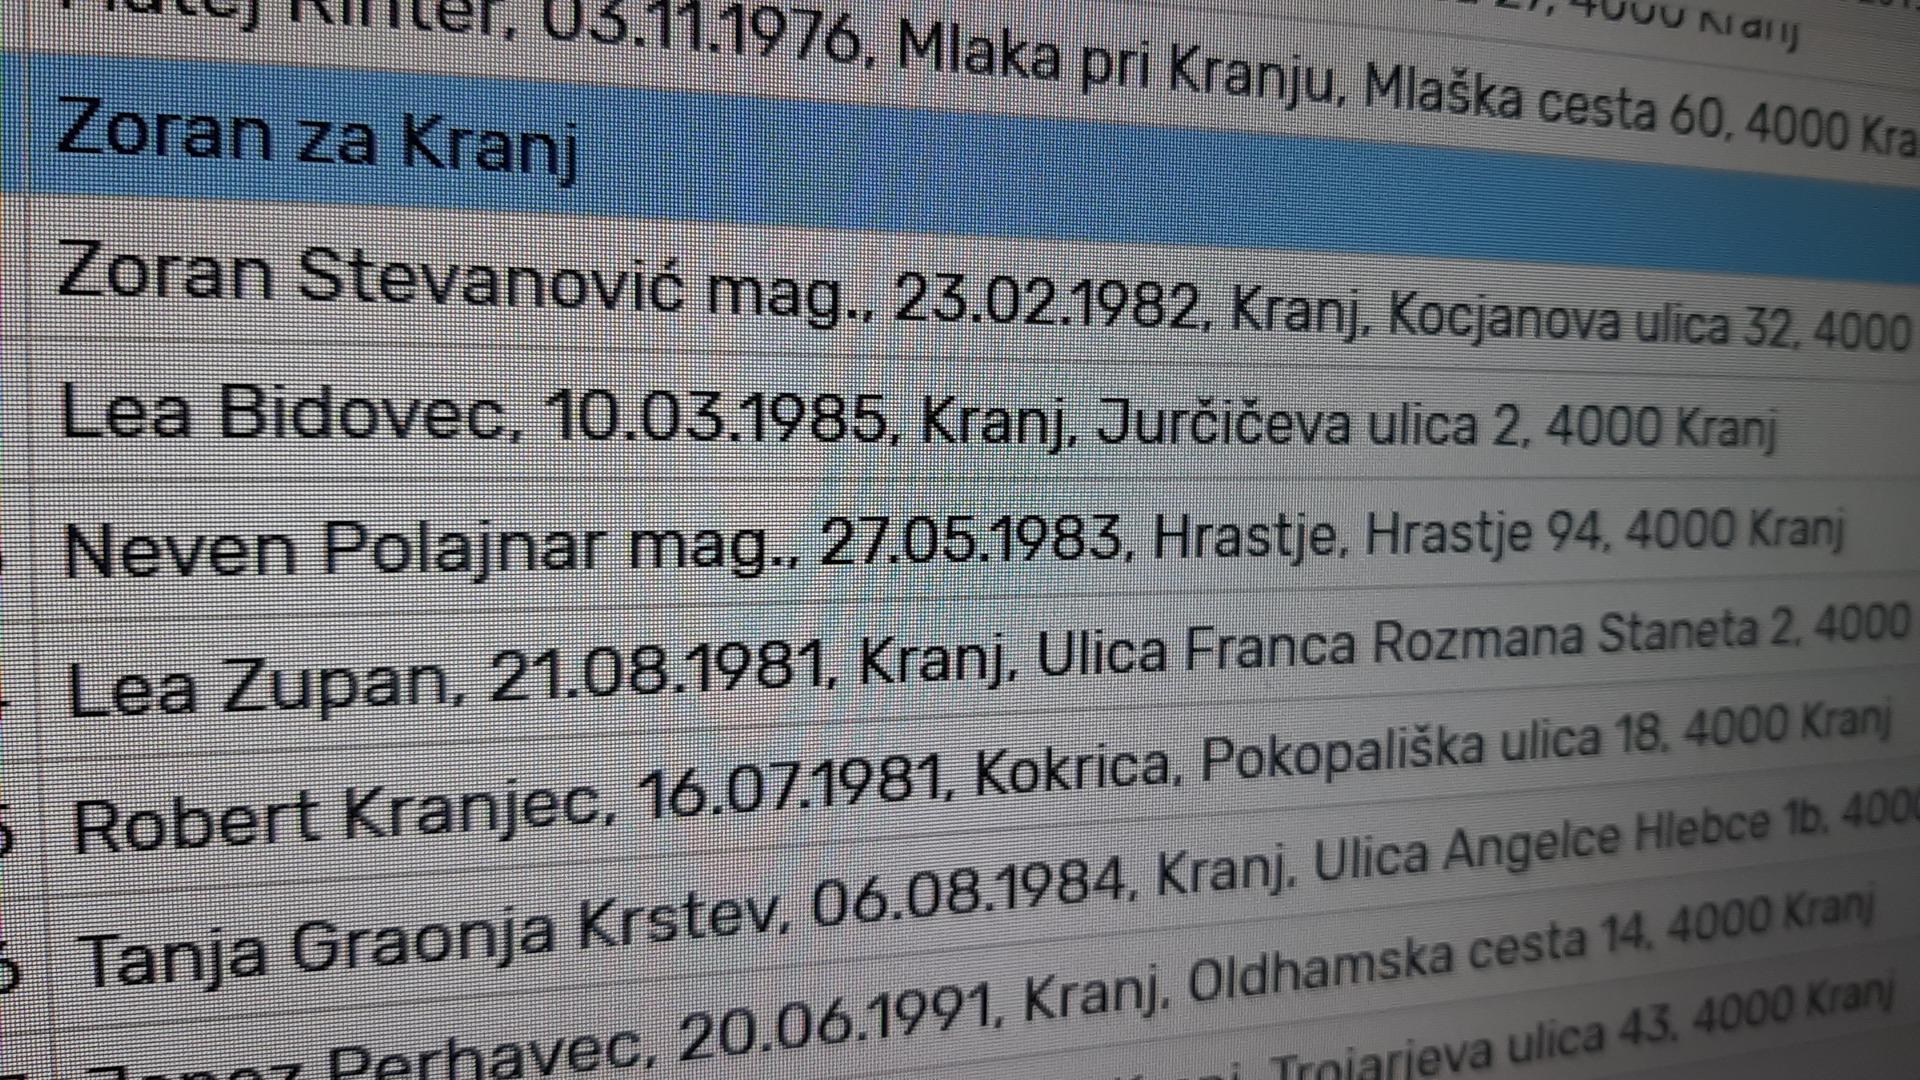 Corpus delicti št 1: ali podatki držijo ali pa so se spremenili!? Kdo zavaja in kdo se dela norca iz Kranjčank in Kranjčanov?